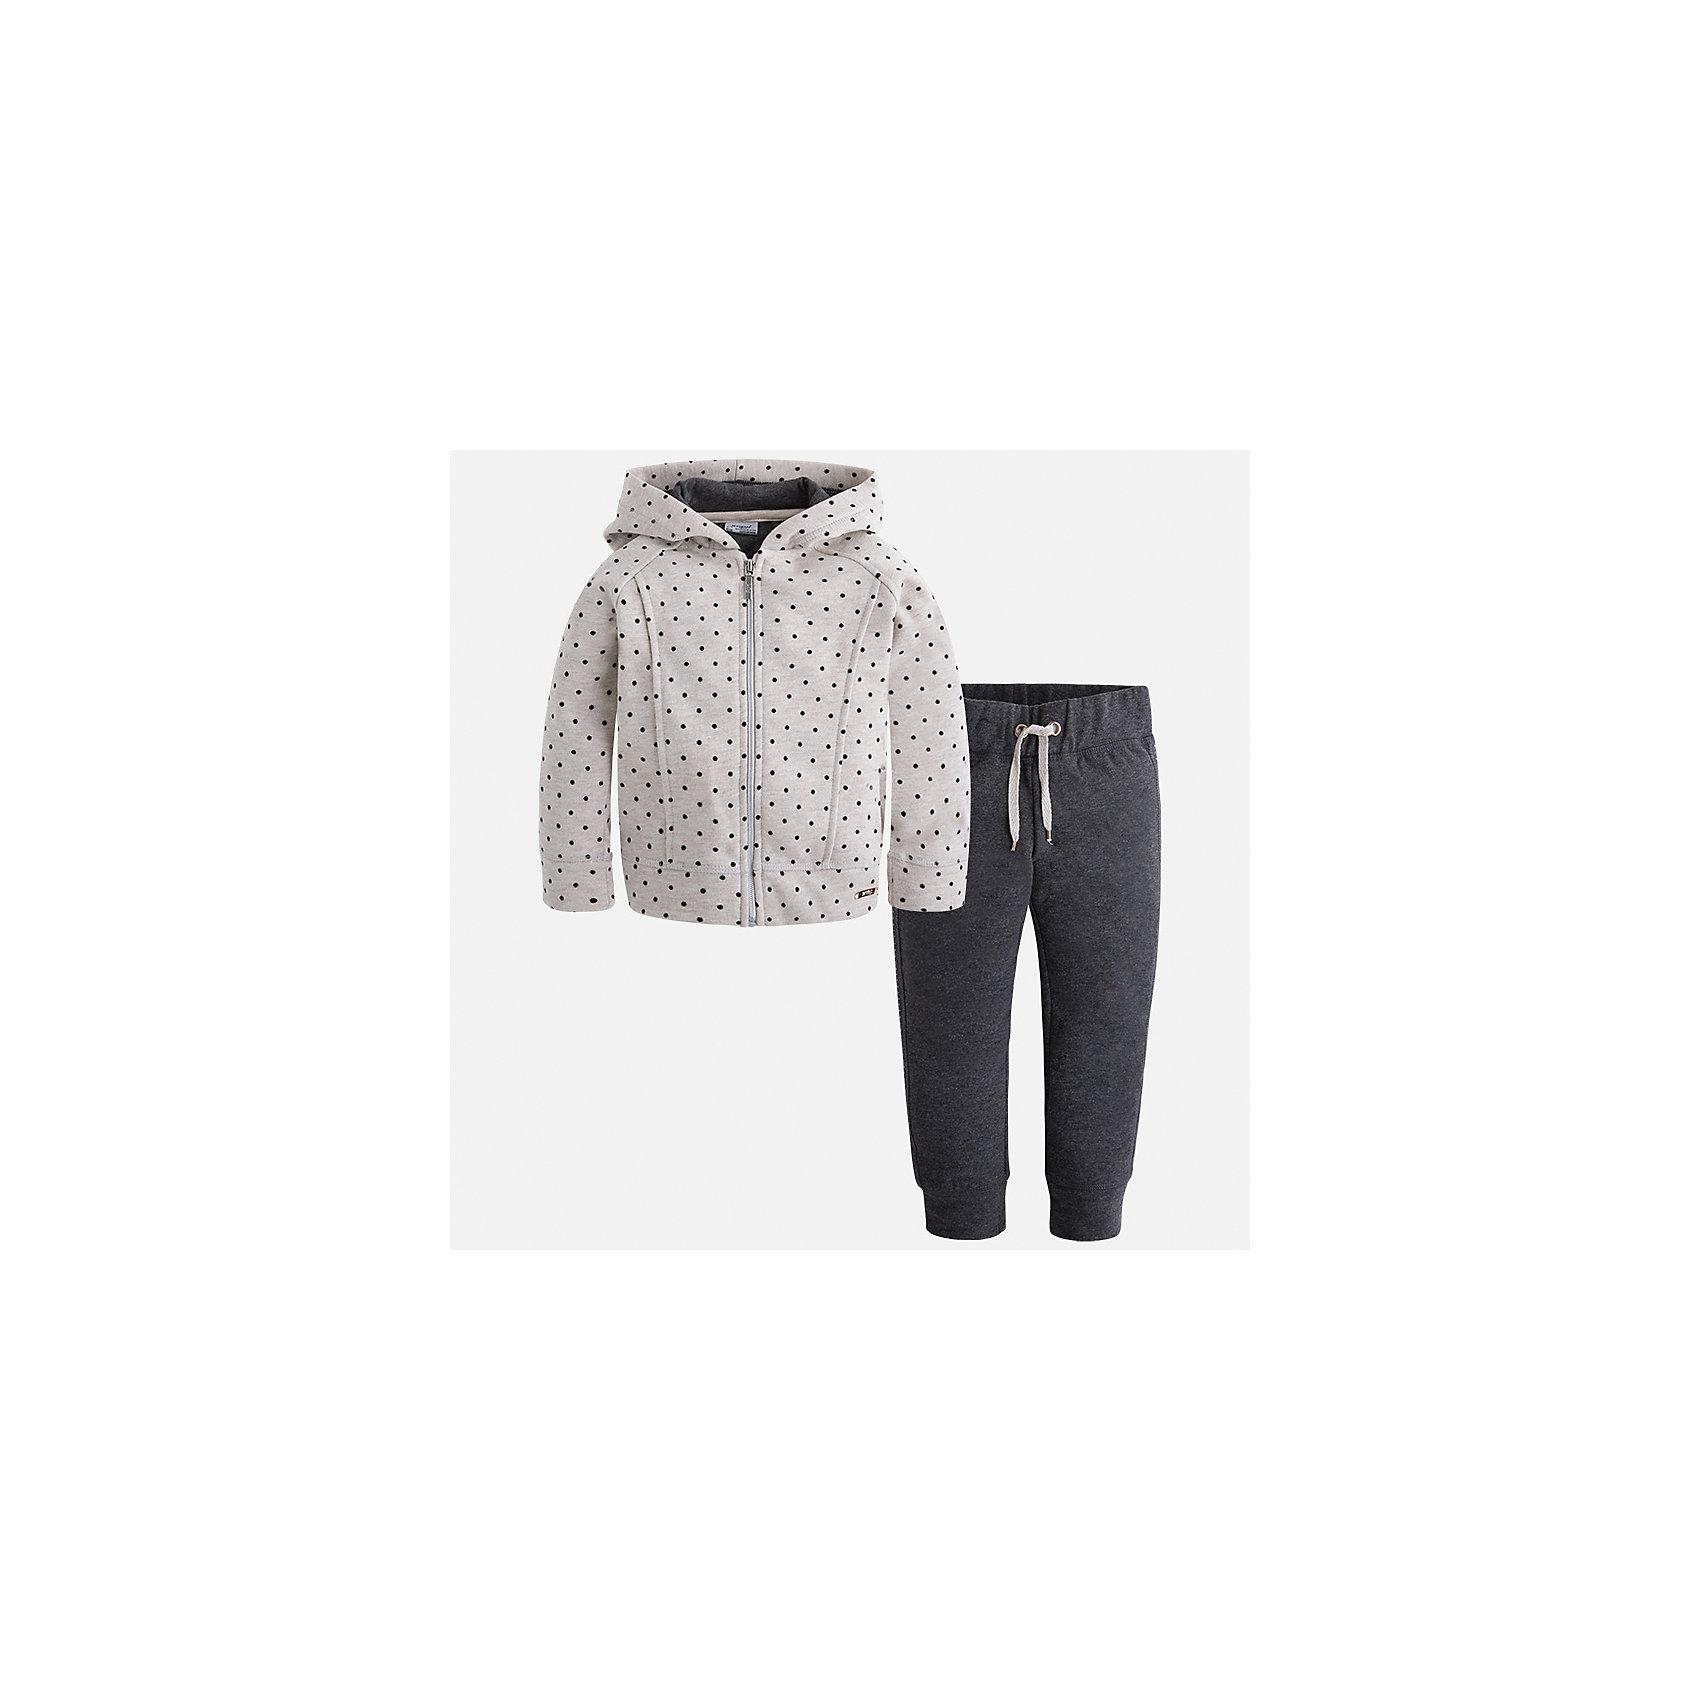 Спортивный костюм Mayoral для девочкиСпортивная форма<br>Характеристики товара:<br><br>• цвет: черный<br>• комплектация: курточка и брюки<br>• состав ткани курточки: 45% хлопок, 42% полиэстер, 13% металлизированная нить<br>• состав ткани брюк: 57% хлопок, 38% полиэстер, 5% эластан<br>• длинные рукава<br>• застежка: молния<br>• пояс: резинка и шнурок<br>• особенности модели: спортивный стиль<br>• сезон: круглый год<br>• страна бренда: Испания<br>• страна изготовитель: Индия<br><br>Детский спортивный костюм от известного бренда Майорал выглядит аккуратно и стильно. Удобный спортивный костюм - отличный вариант одежды для отдыха и занятий спортом, он состоит из брюк и курточки с капюшоном.<br><br>В одежде от испанской компании Майорал ребенок будет выглядеть модно, а чувствовать себя - комфортно. Целая команда европейских талантливых дизайнеров работает над созданием стильных и оригинальных моделей одежды.<br><br>Спортивный костюм для девочки Mayoral (Майорал) можно купить в нашем интернет-магазине.<br><br>Ширина мм: 247<br>Глубина мм: 16<br>Высота мм: 140<br>Вес г: 225<br>Цвет: темно-серый<br>Возраст от месяцев: 96<br>Возраст до месяцев: 108<br>Пол: Женский<br>Возраст: Детский<br>Размер: 134,92,98,104,110,116,122,128<br>SKU: 6922948